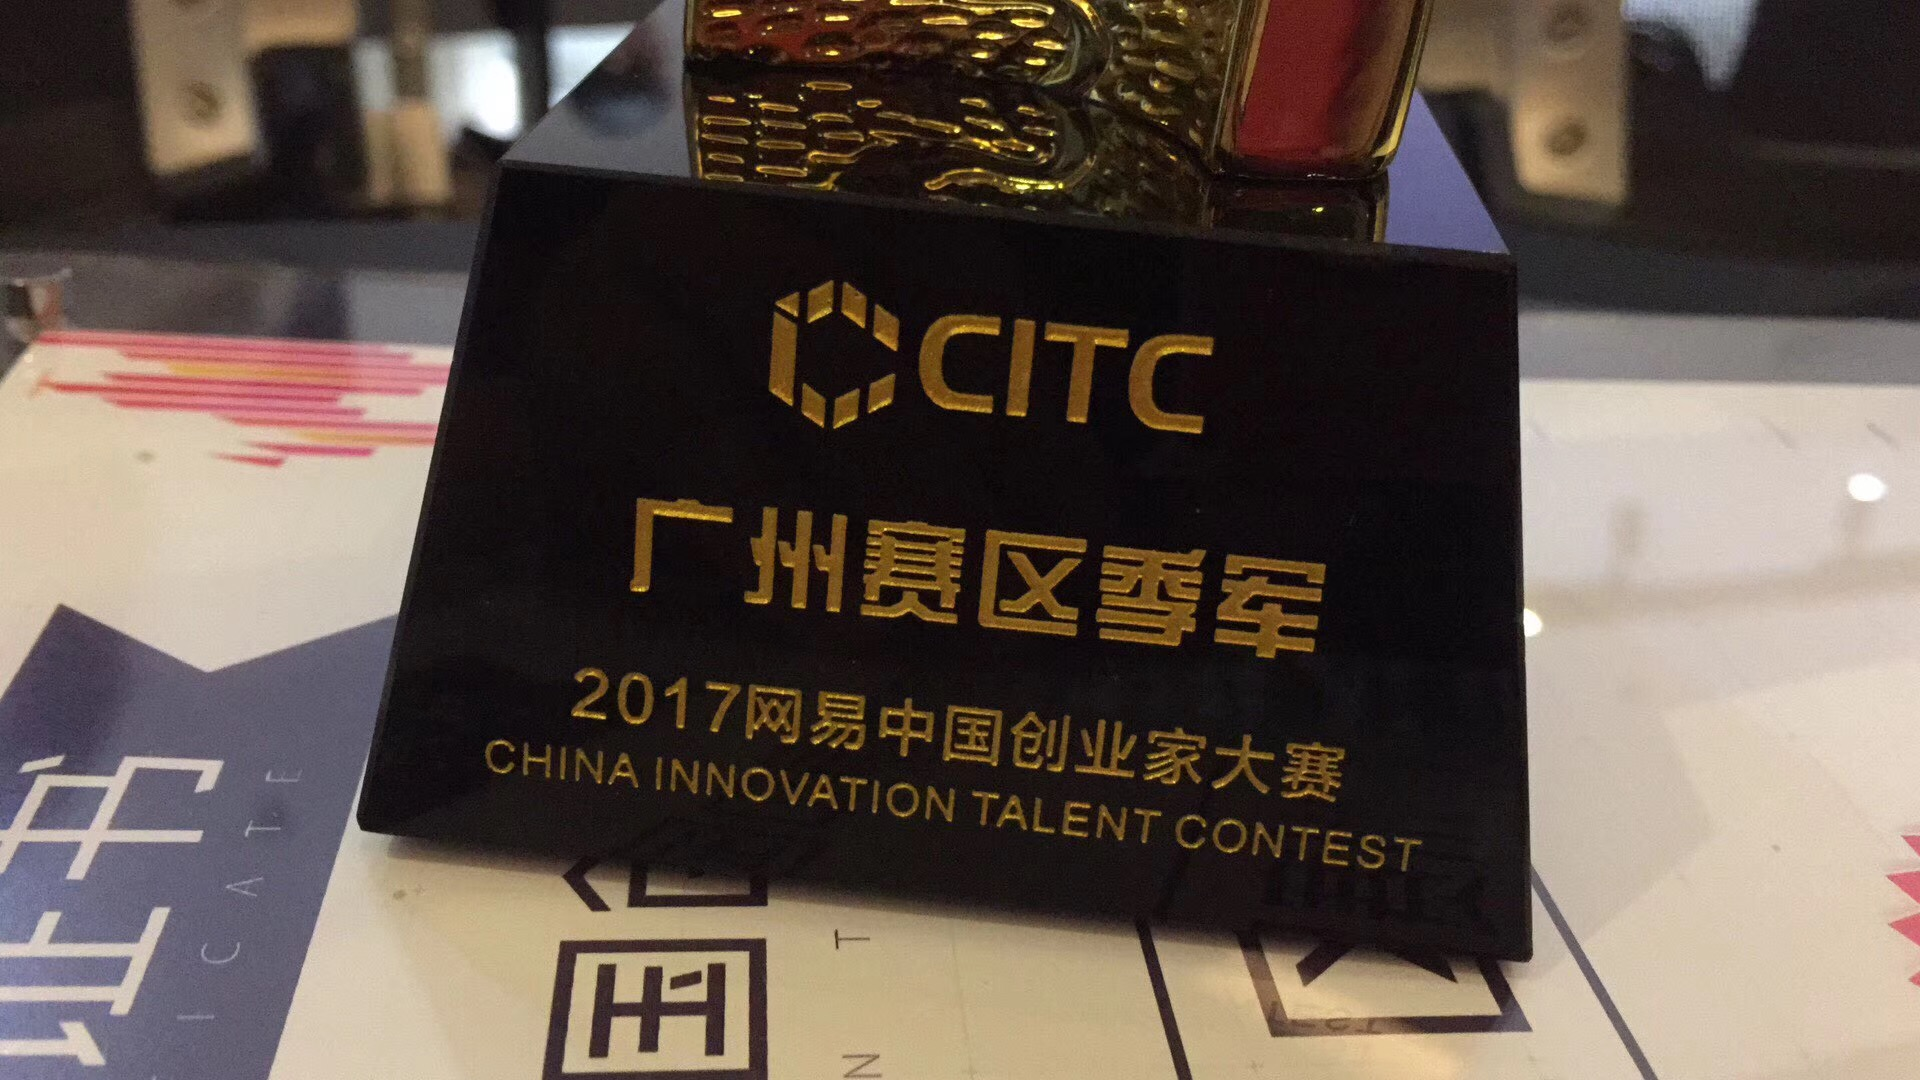 网易中国创业家大赛广州赛区盛大开幕,火鹰·利是说团队获季军